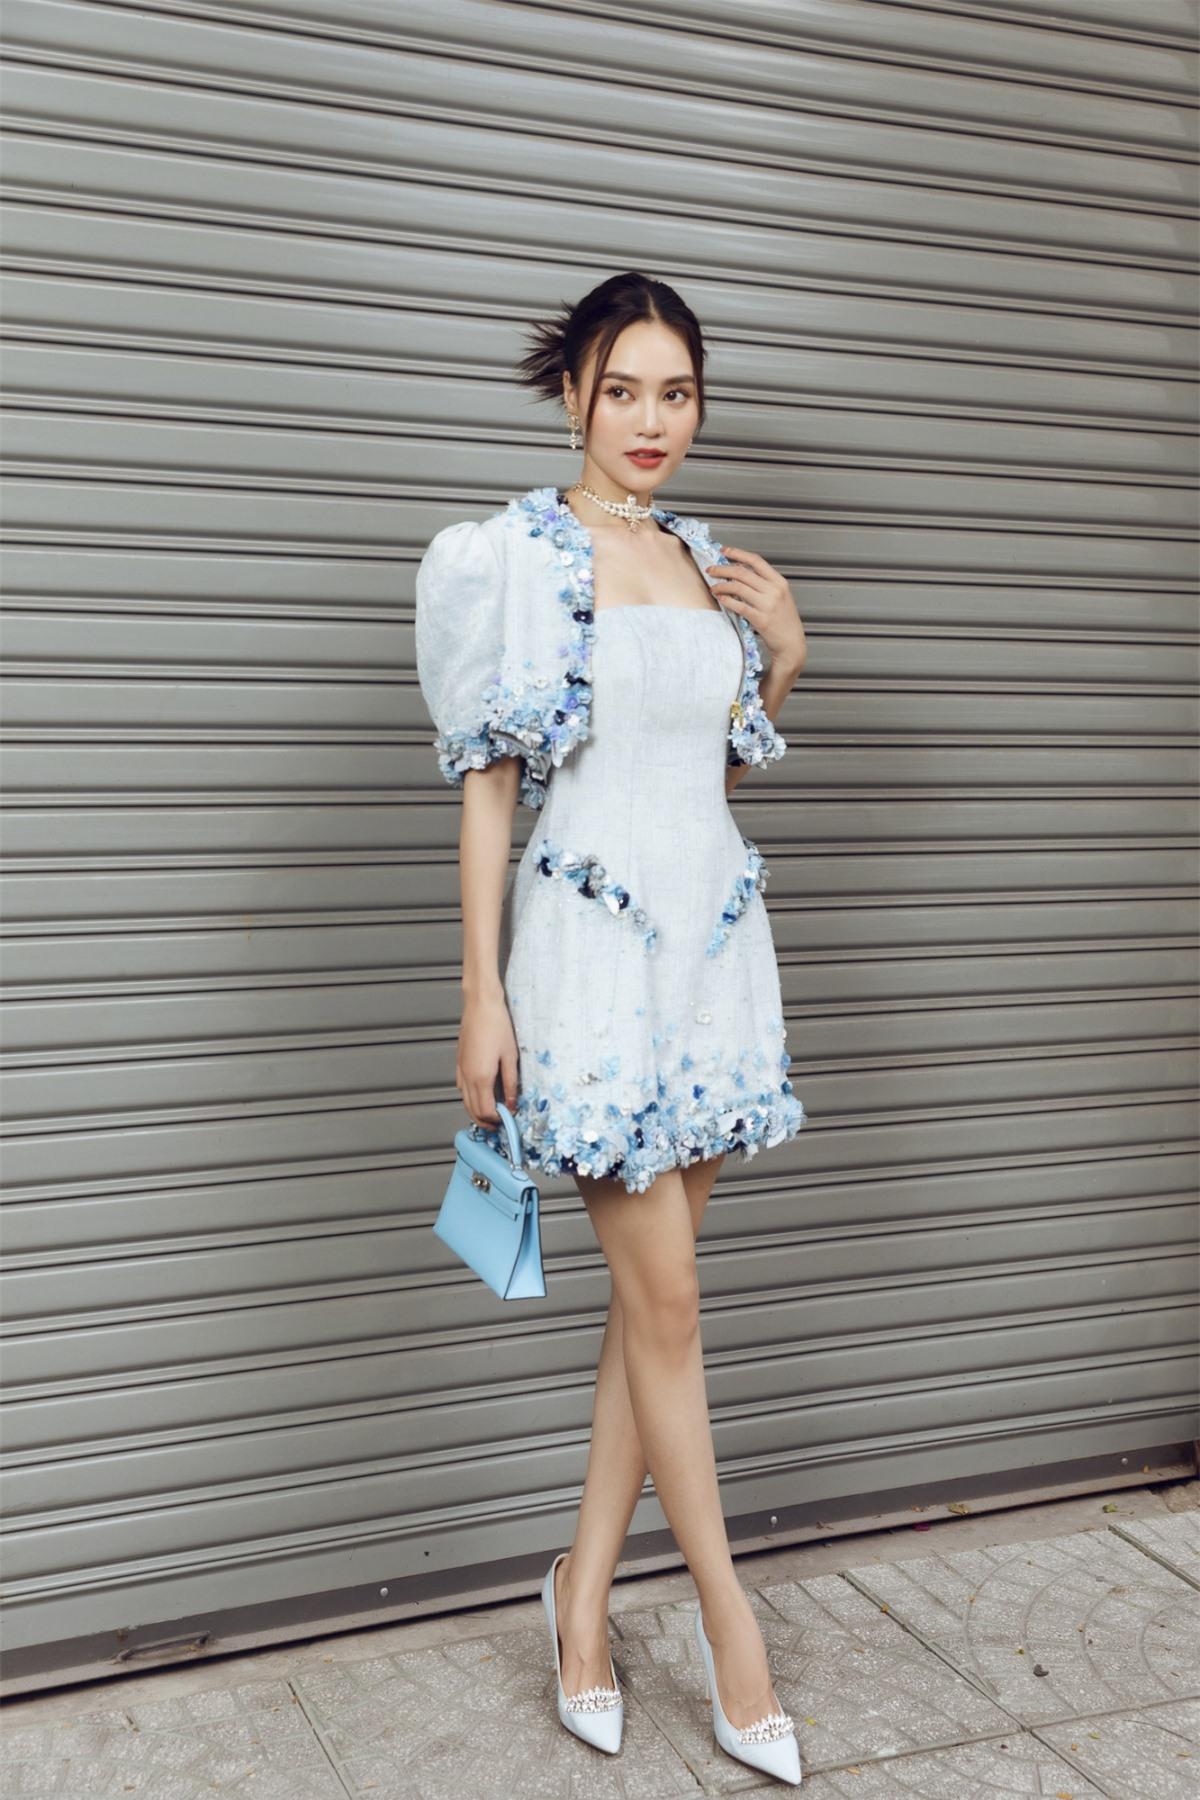 Đặc biệt trong những ngày cuối năm tại TP HCM, thời tiết liên tục chuyển biến giữa nắng nóng và se lạnh thì những gợi ý trang phục của Lê Thanh Hòa cũng sẽ mang đến cho các nàng sự lựa chọn.